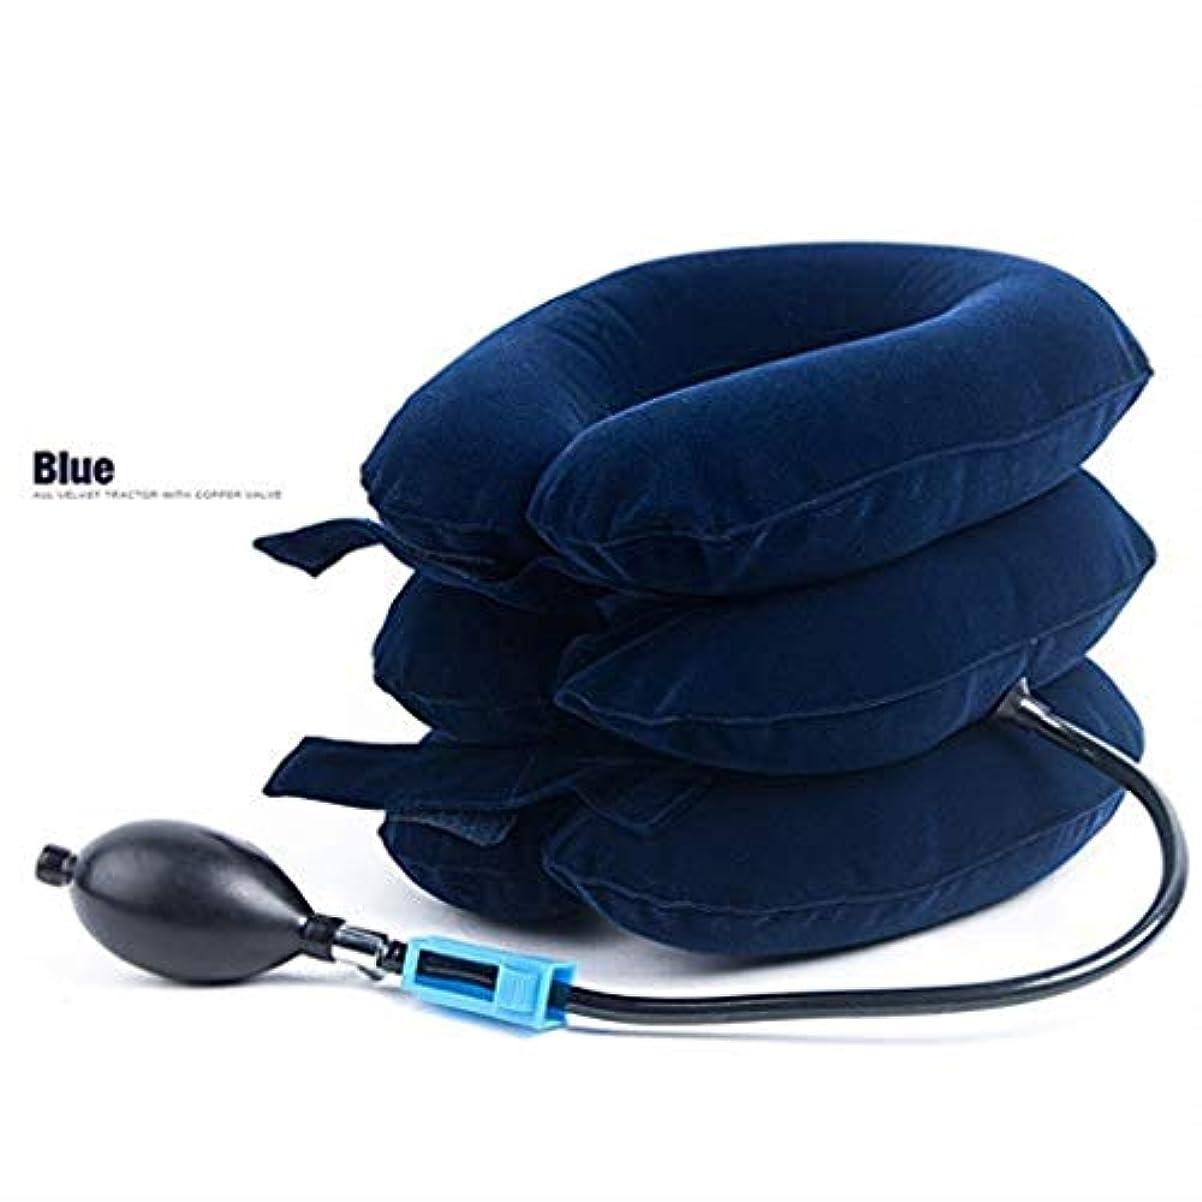 の慈悲で四面体トリッキー首のマッサージャー、膨脹可能なマッサージの首の枕、頚部頚部牽引装置、背部/肩の首のマッサージャー、ヘルスケア (Color : Biue)